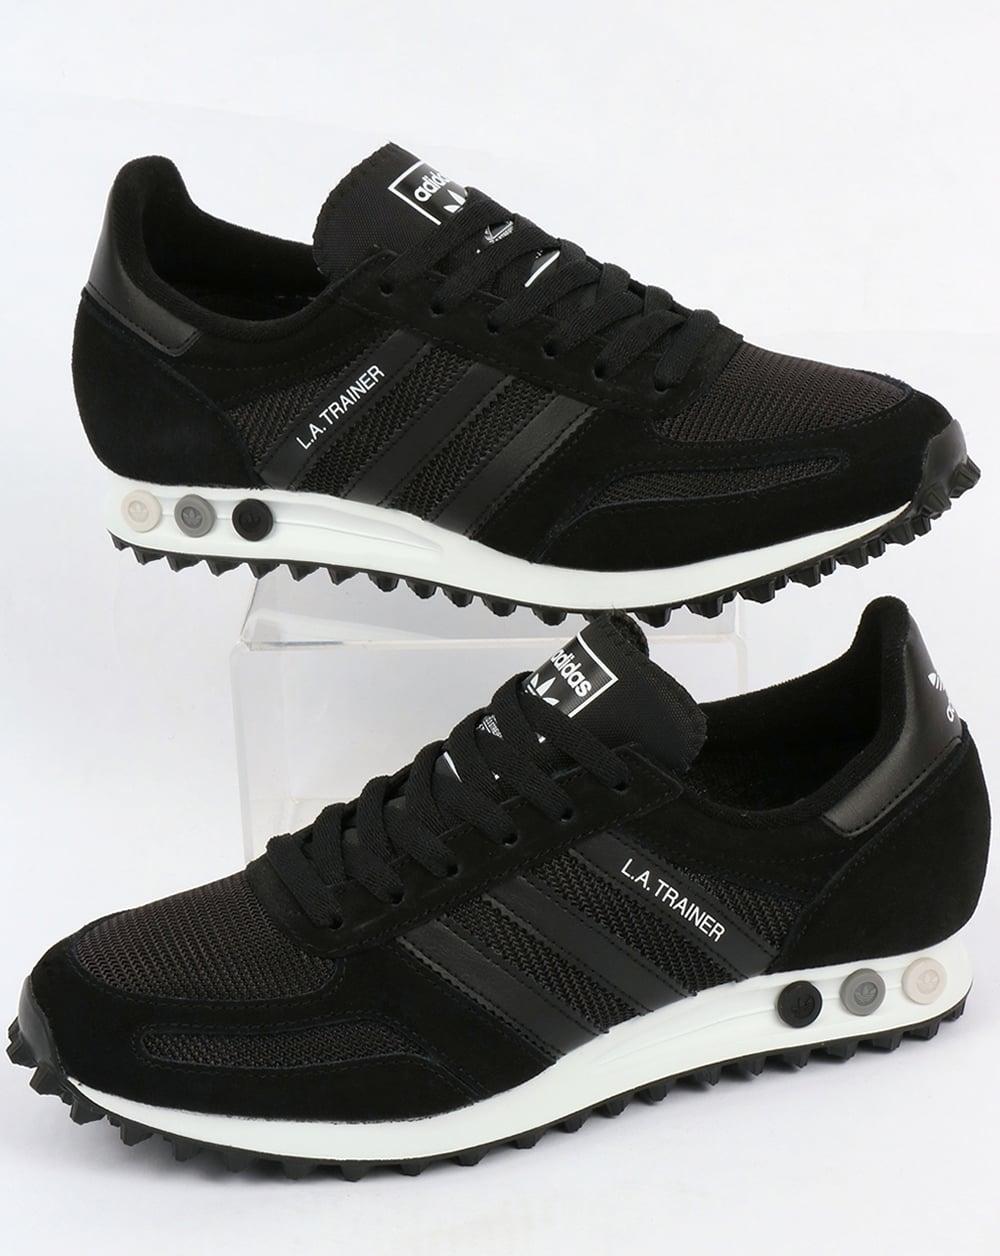 adidas la trainer og black black white shoes running mens originals. Black Bedroom Furniture Sets. Home Design Ideas